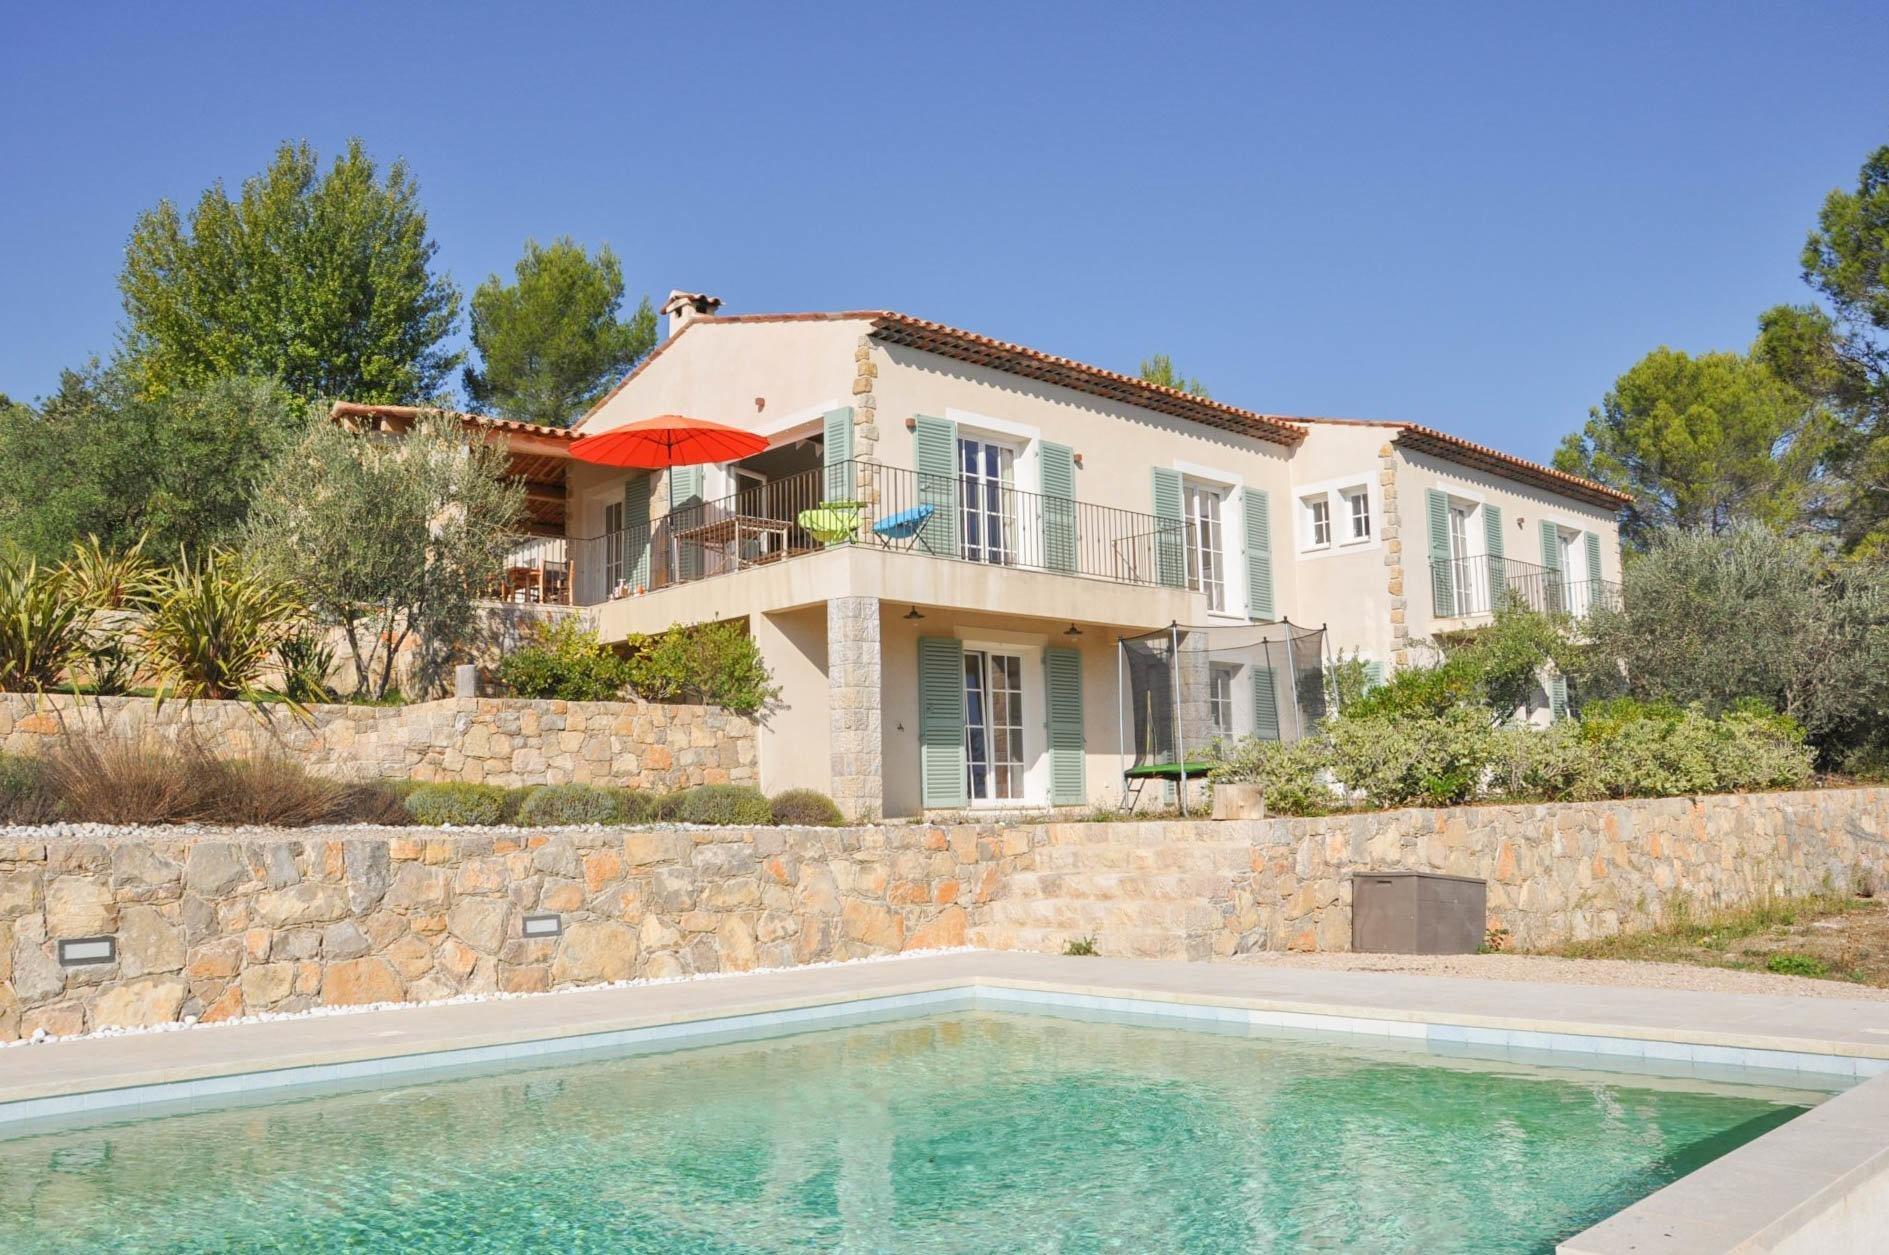 Vendita Villa - Seillans - Francia